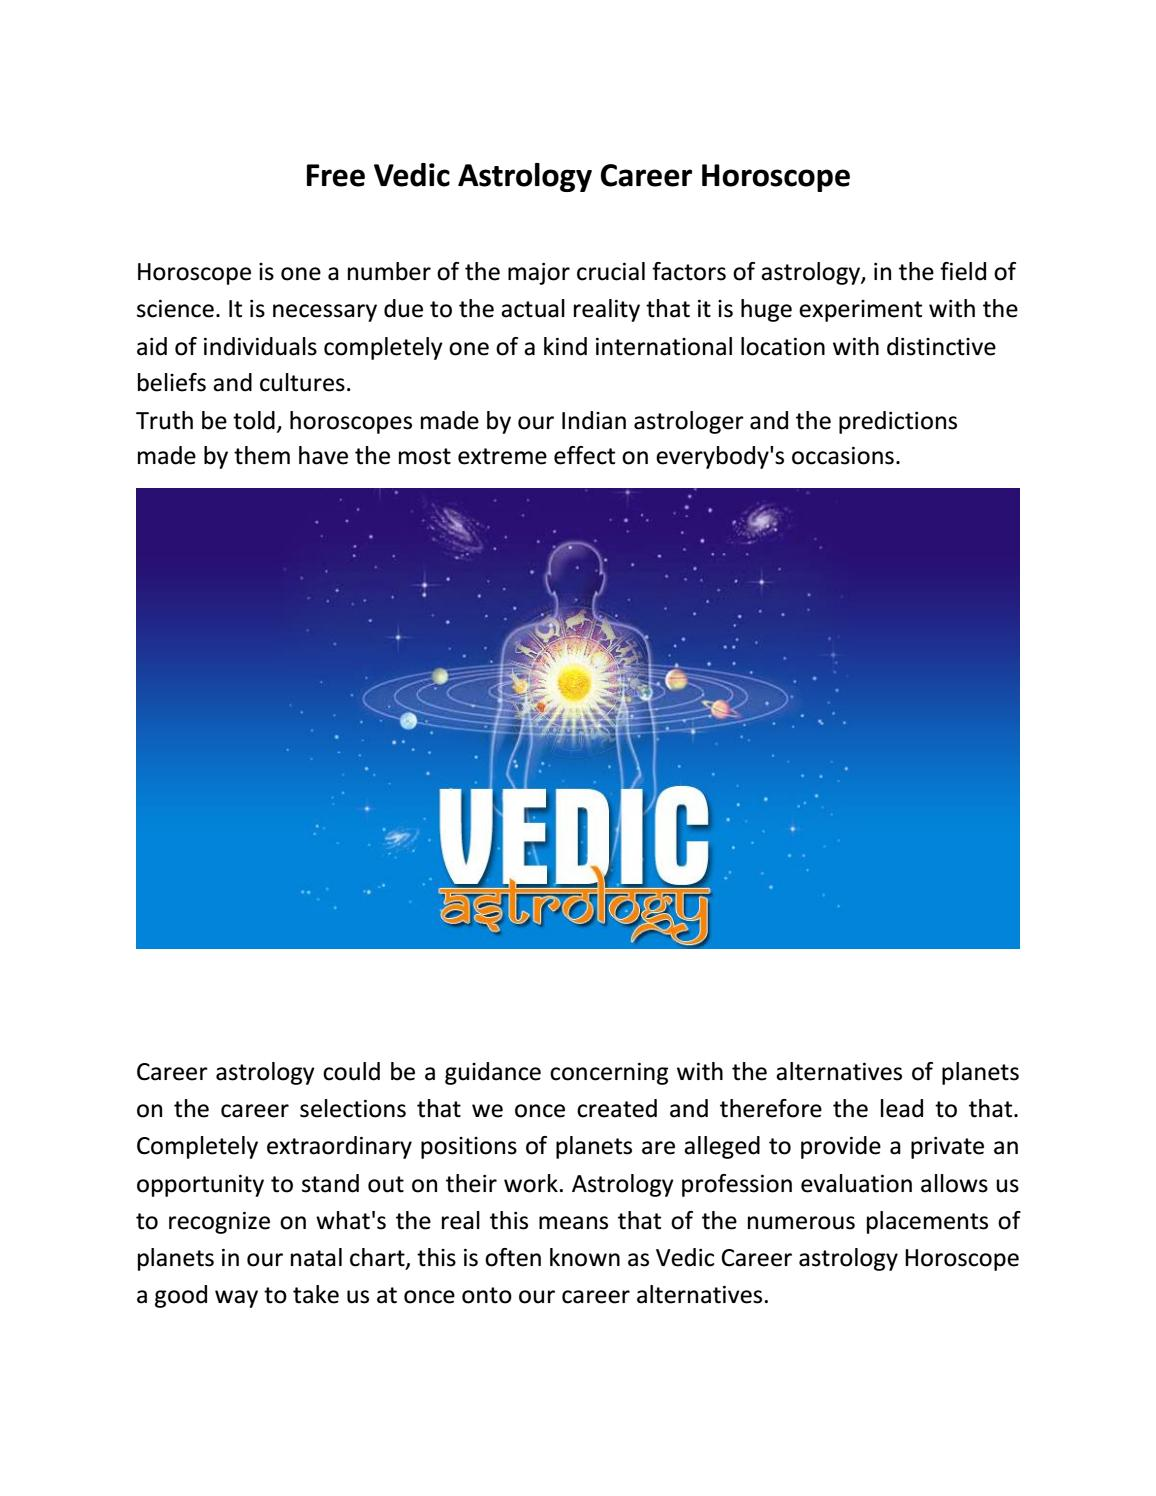 Free Vedic Astrology Career Horoscope by vinaykk - issuu